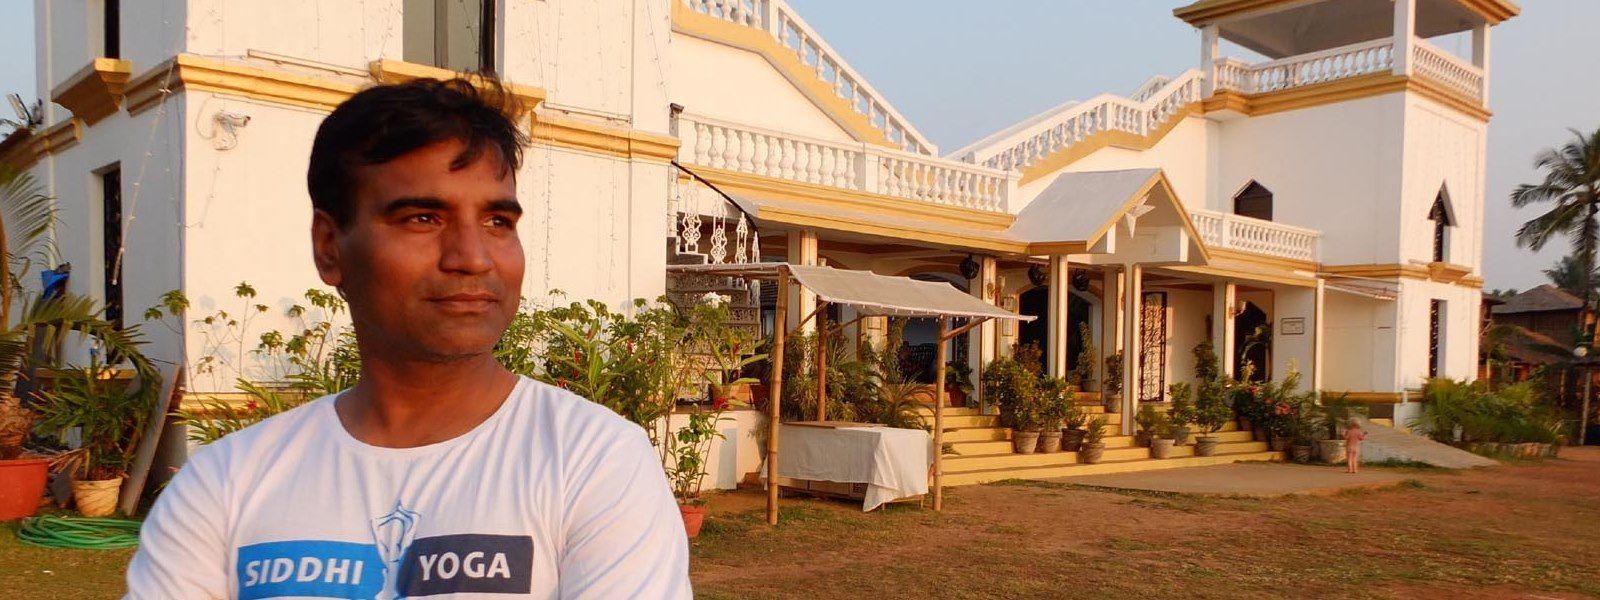 ritesh indian yoga teacher goa